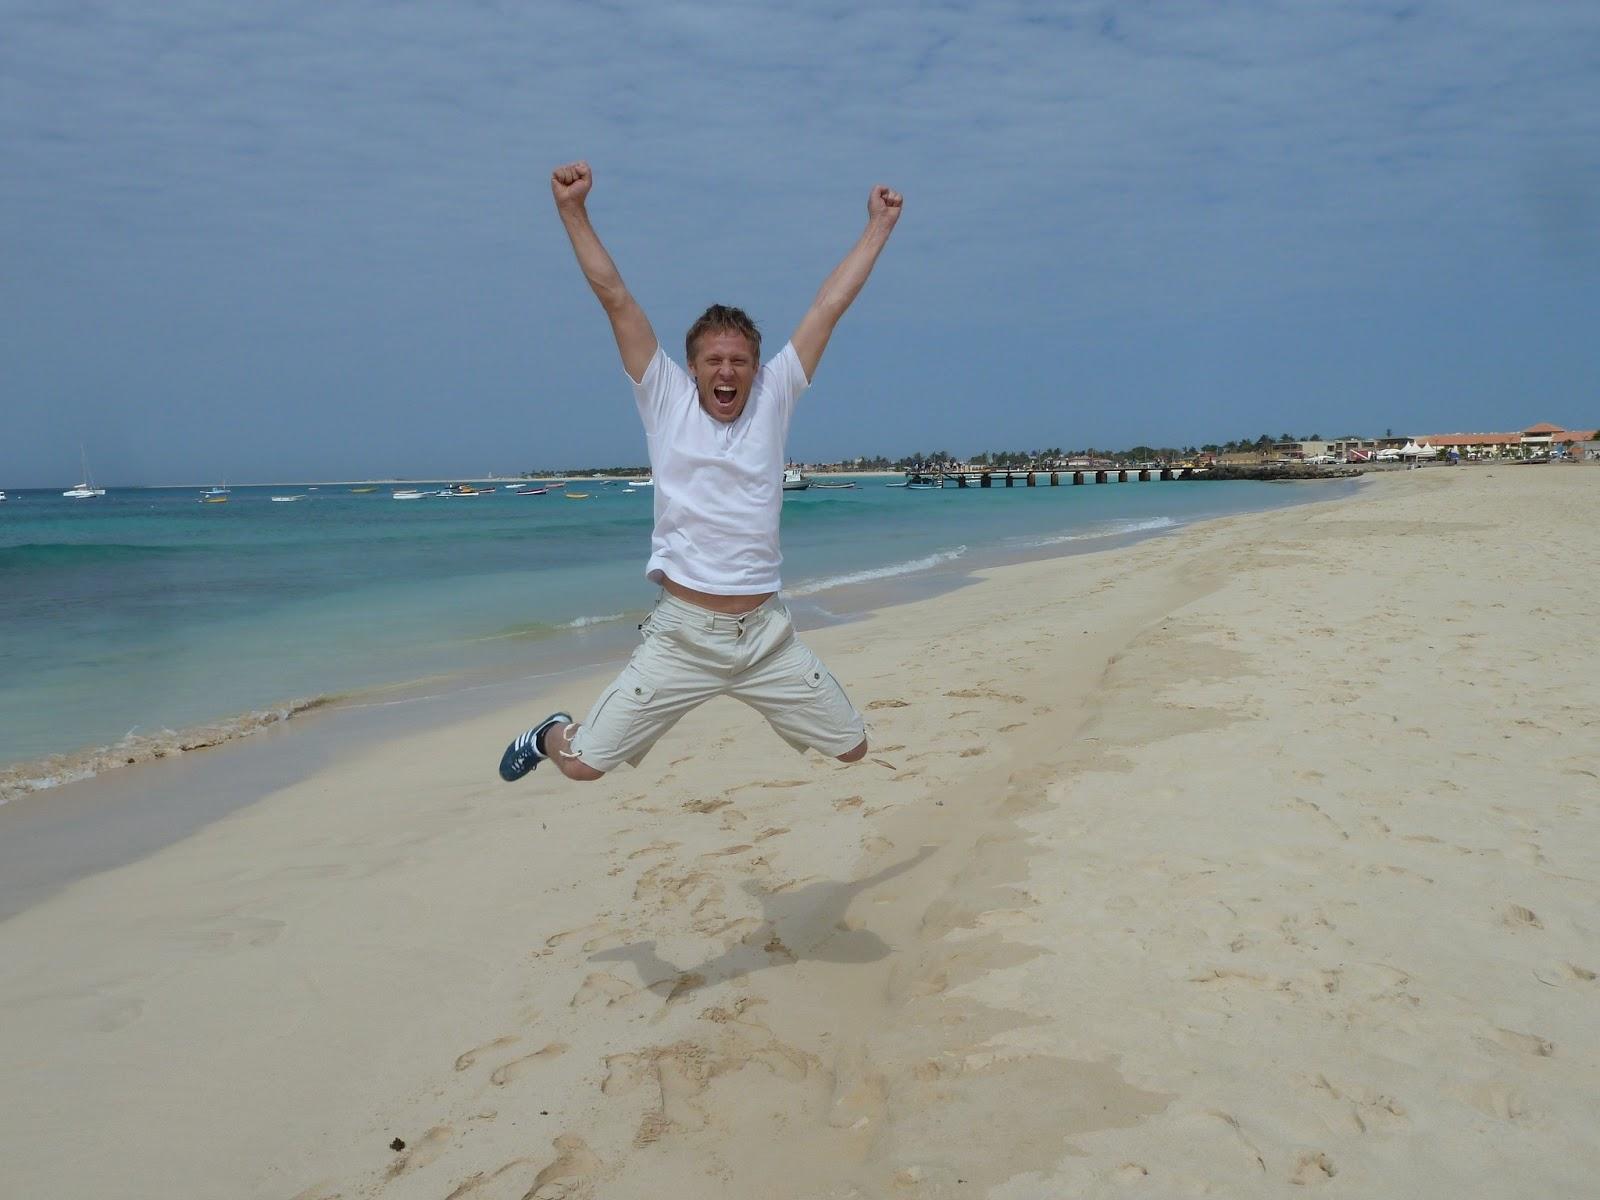 Gunnar Garfors in Cabo